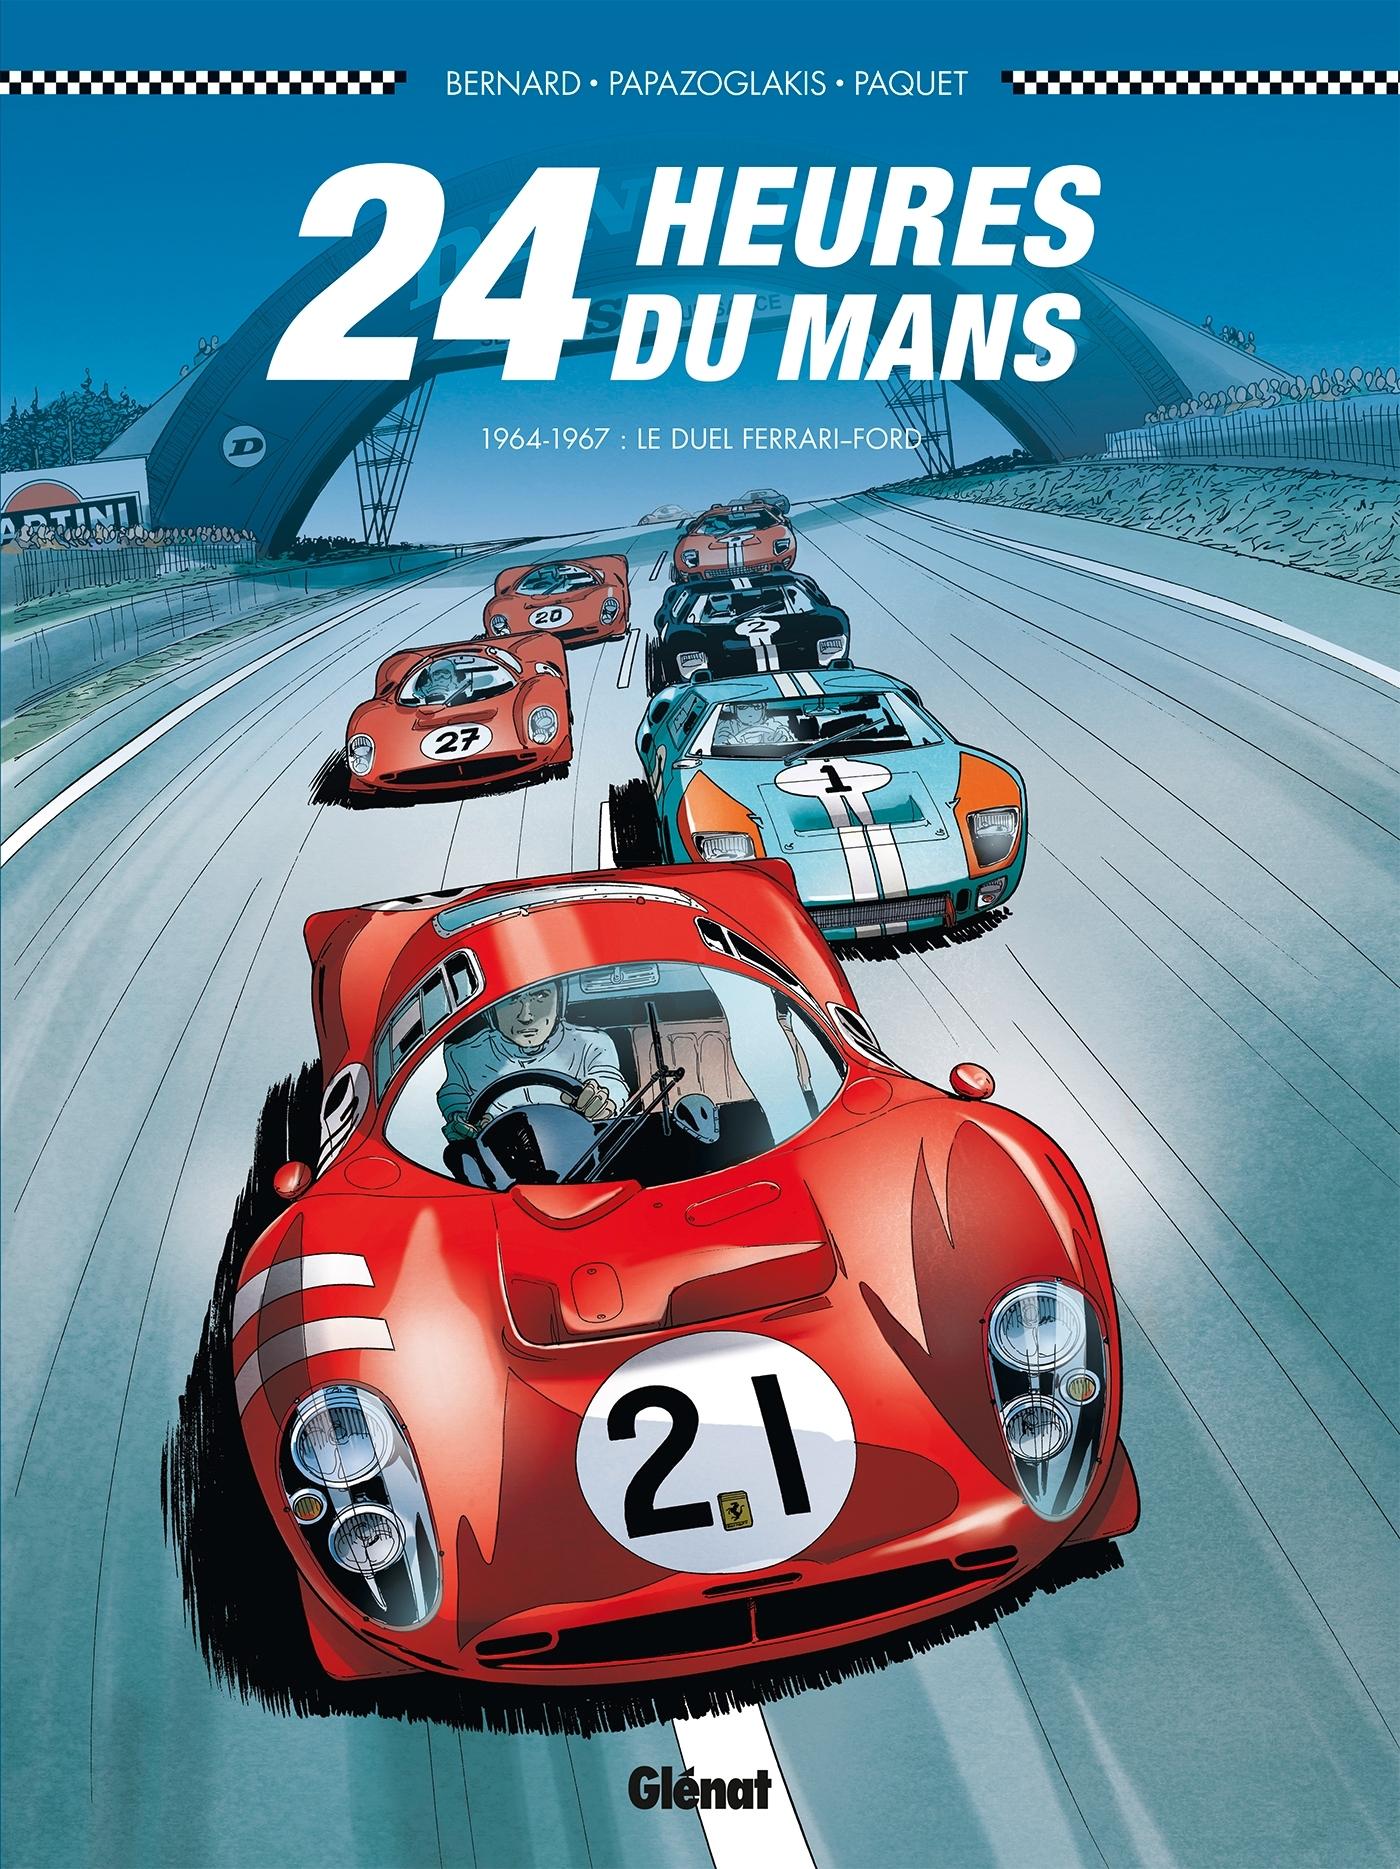 24 HEURES DU MANS - 1964-1967 - T1 - LE DUEL FERRARI-FORD